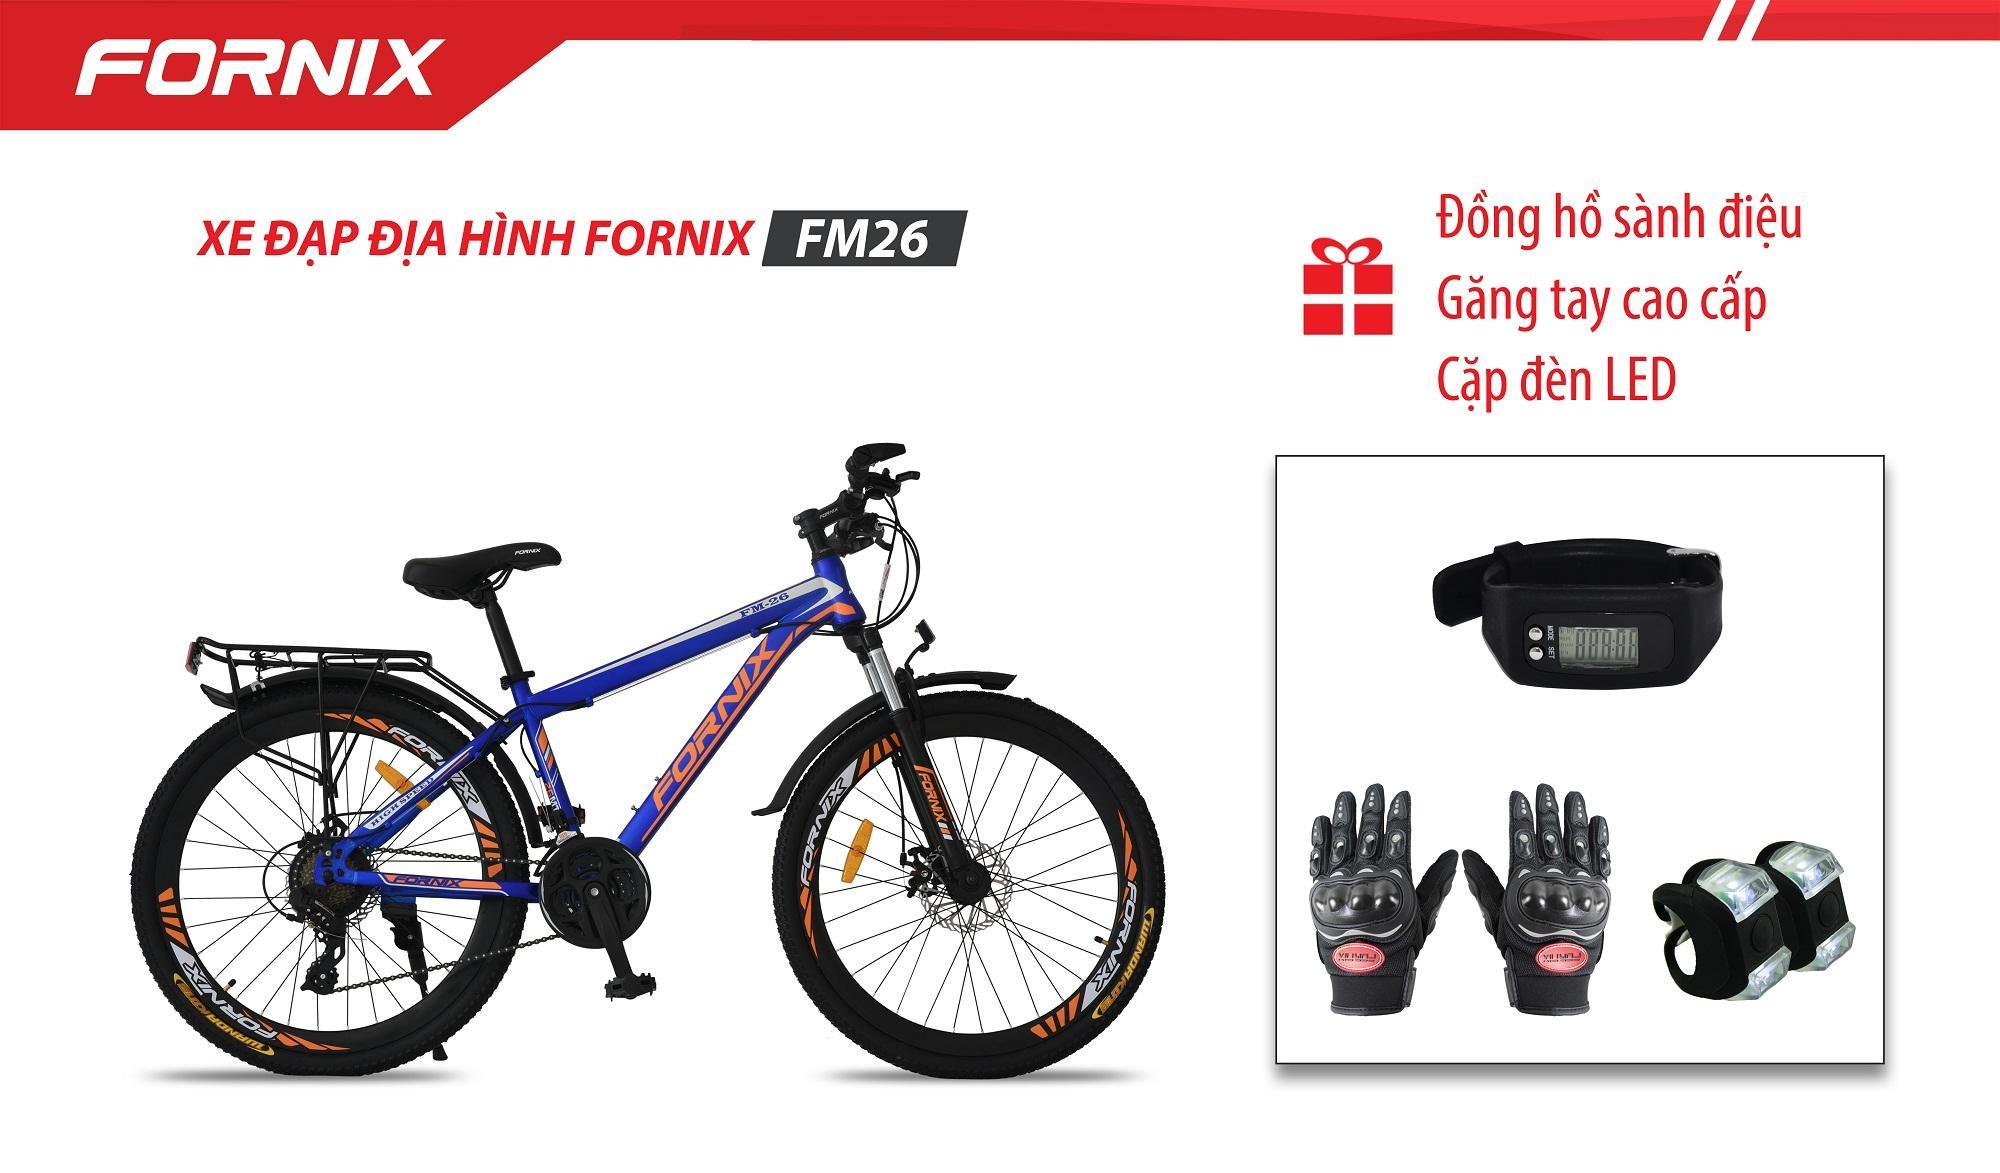 Xe đạp địa hình thể thao Fornix FM26 + (Gift) Cặp đèn LED, Găng tay, Đồng hồ Đo Bước Đi